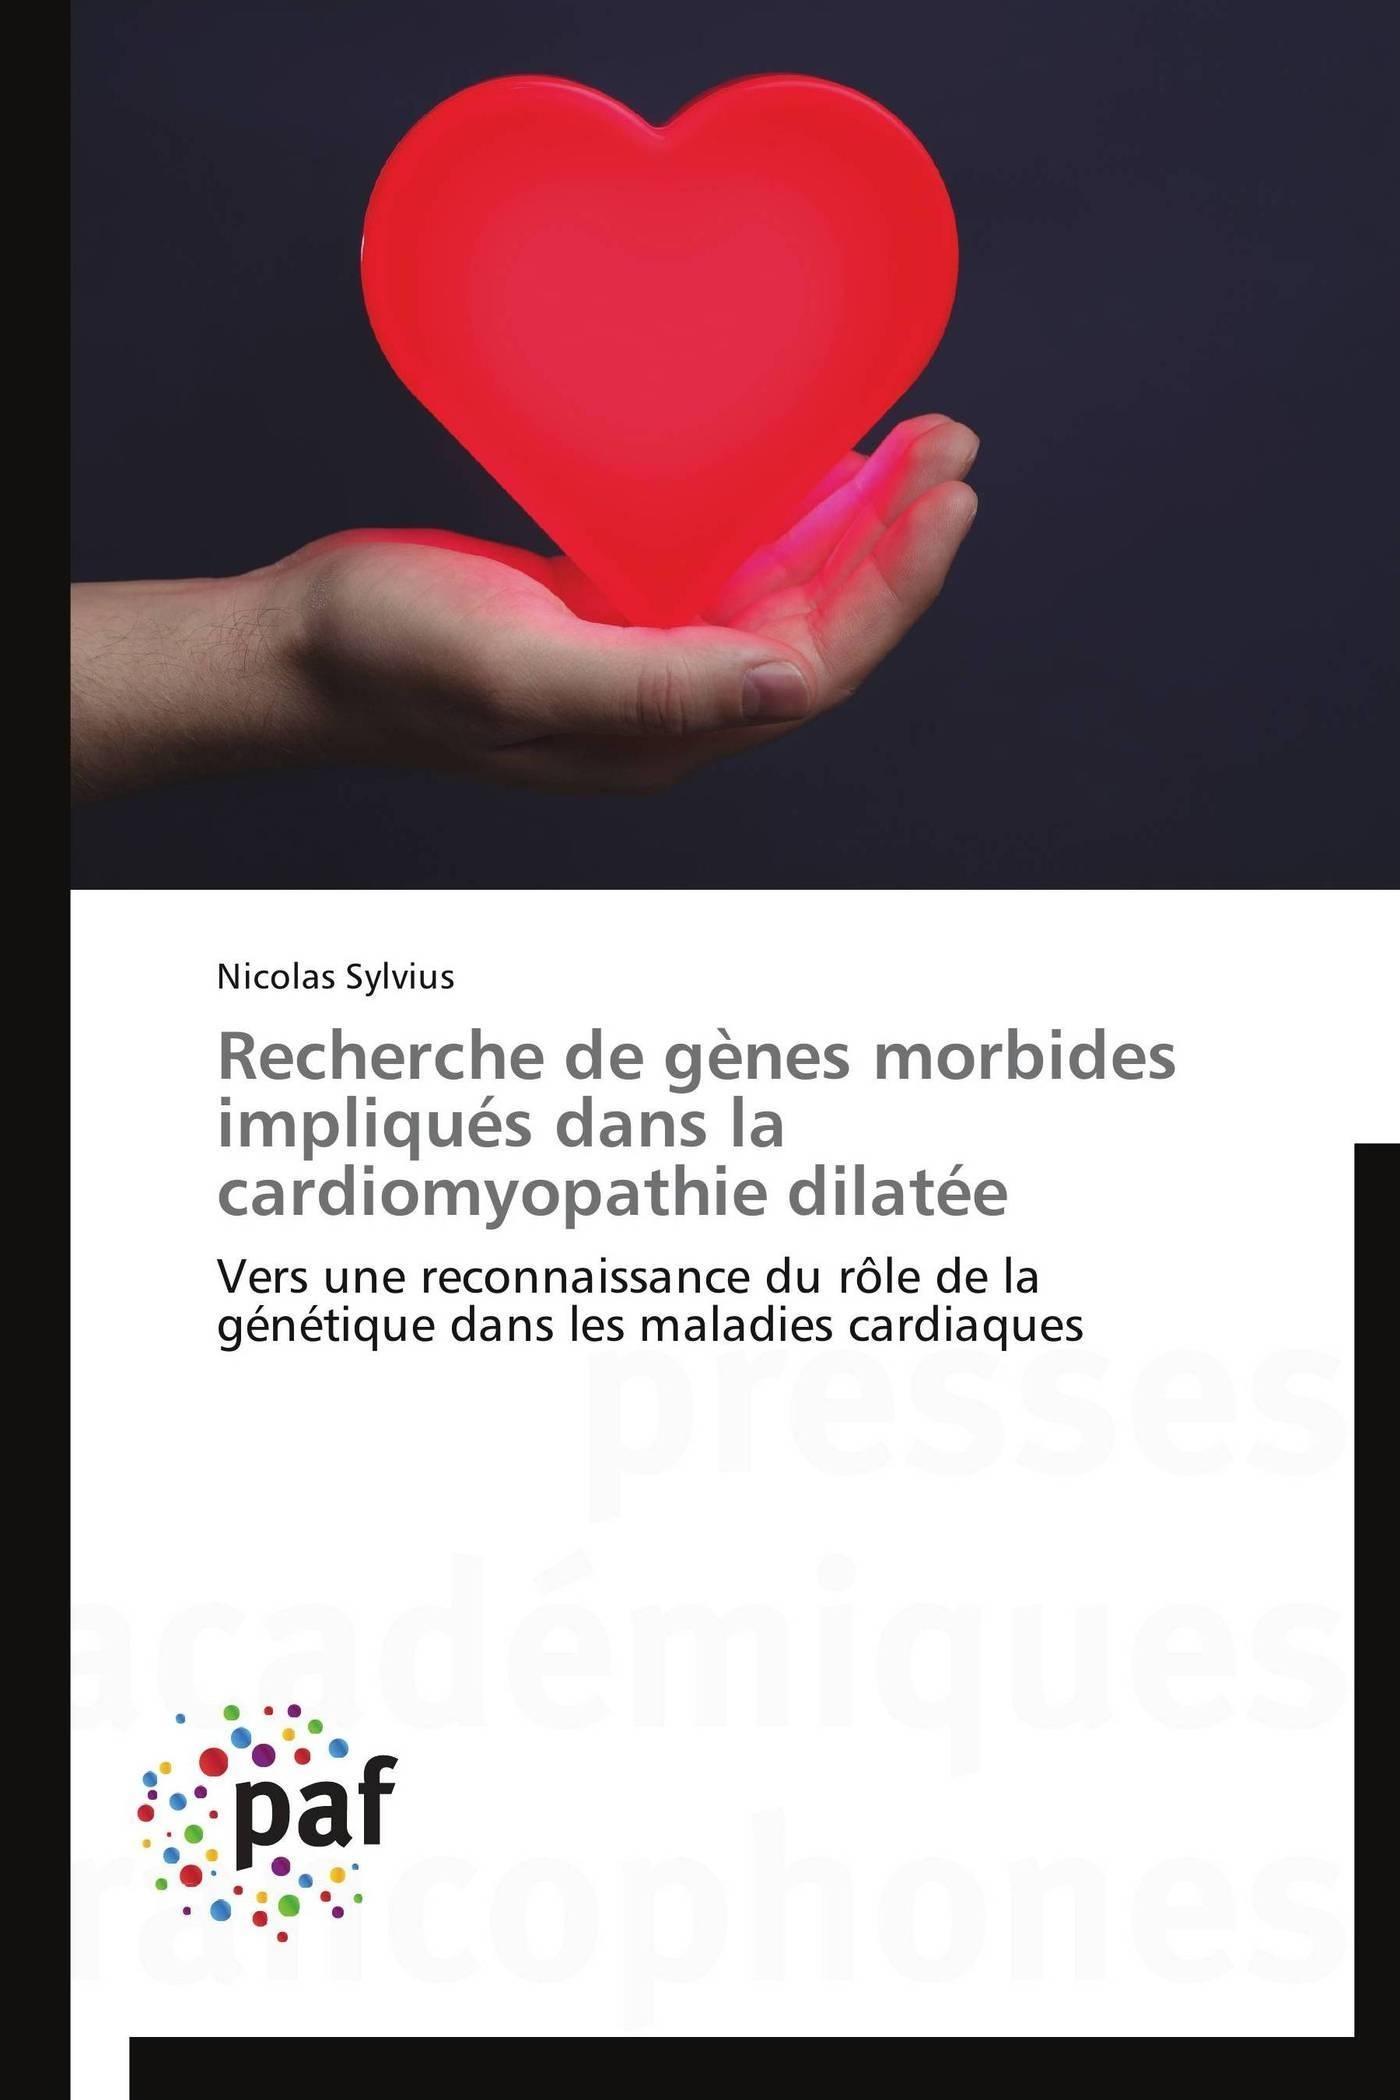 RECHERCHE DE GENES MORBIDES IMPLIQUES DANS LA CARDIOMYOPATHIE DILATEE